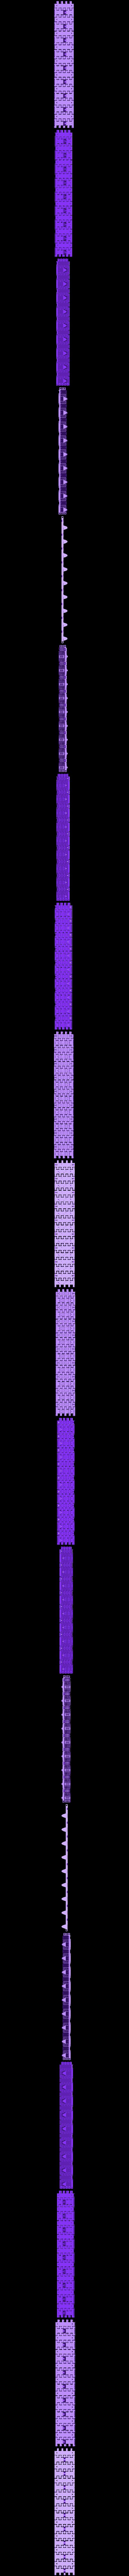 T-34-76 - tracks-with-rods_x18.stl Télécharger fichier STL T-34/76 pour l'assemblage, avec voies mobiles • Objet pour imprimante 3D, c47